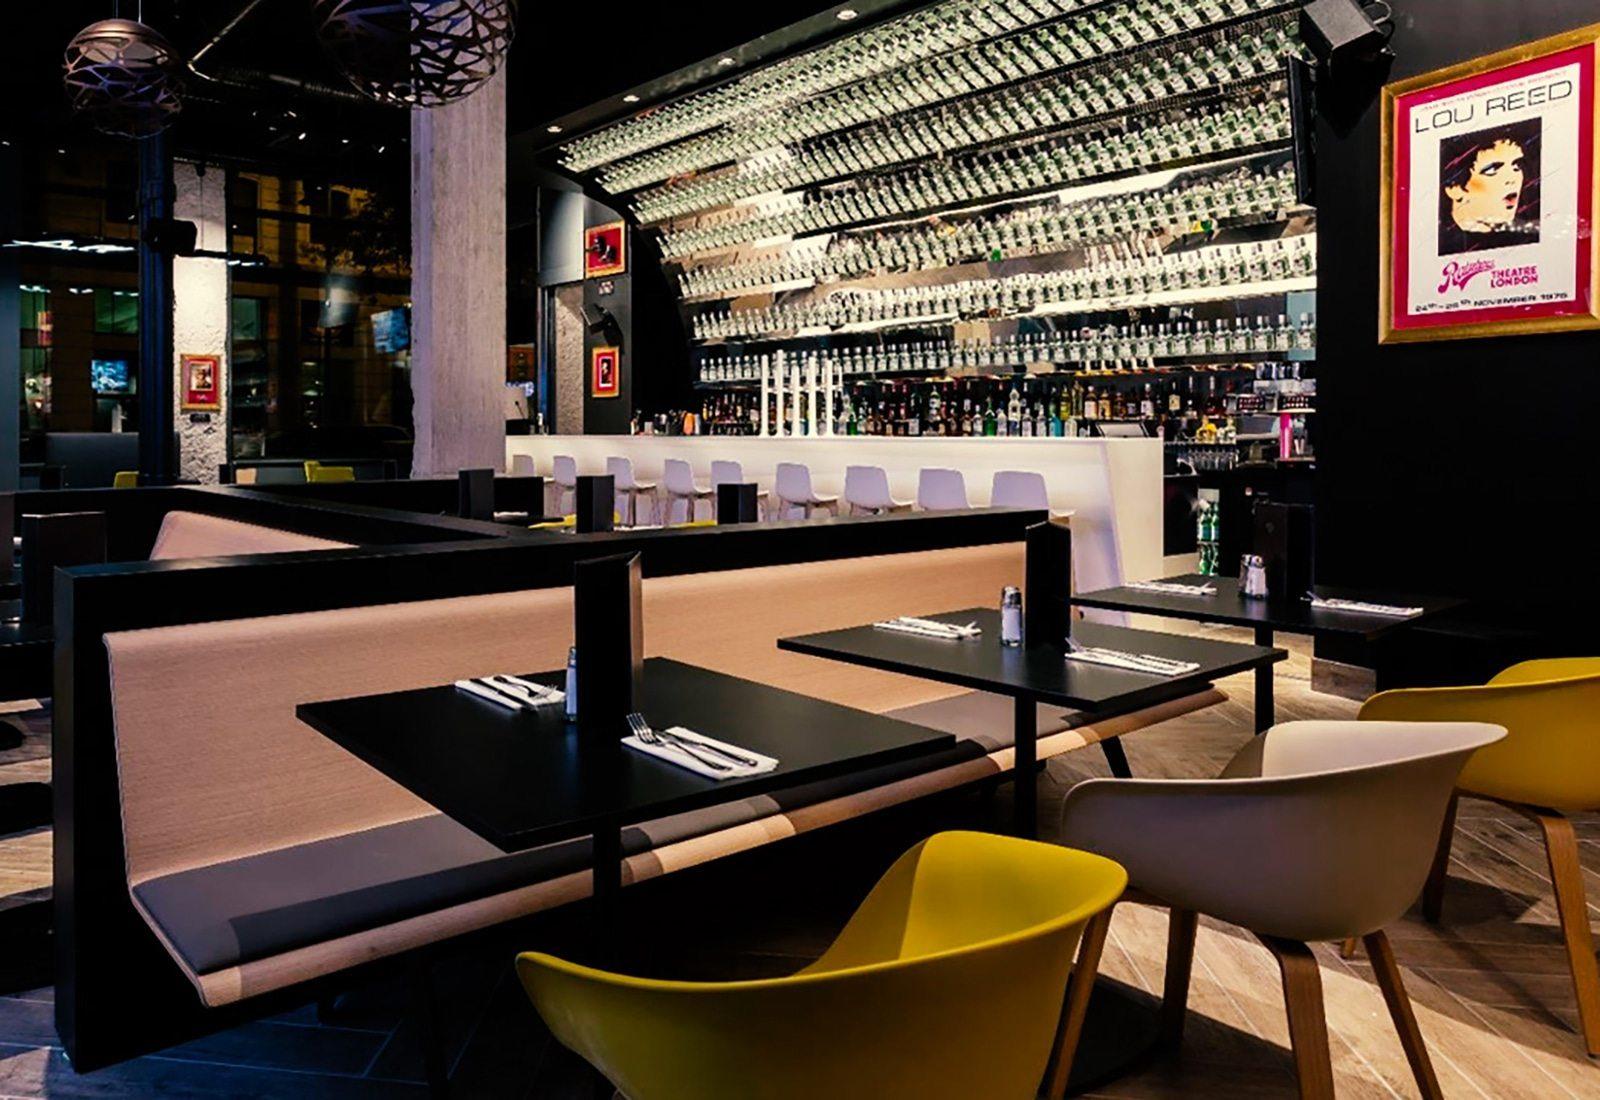 Les meilleurs lieux, bars et clubs pour sortir à Lyon - Heure Bleue Lyon